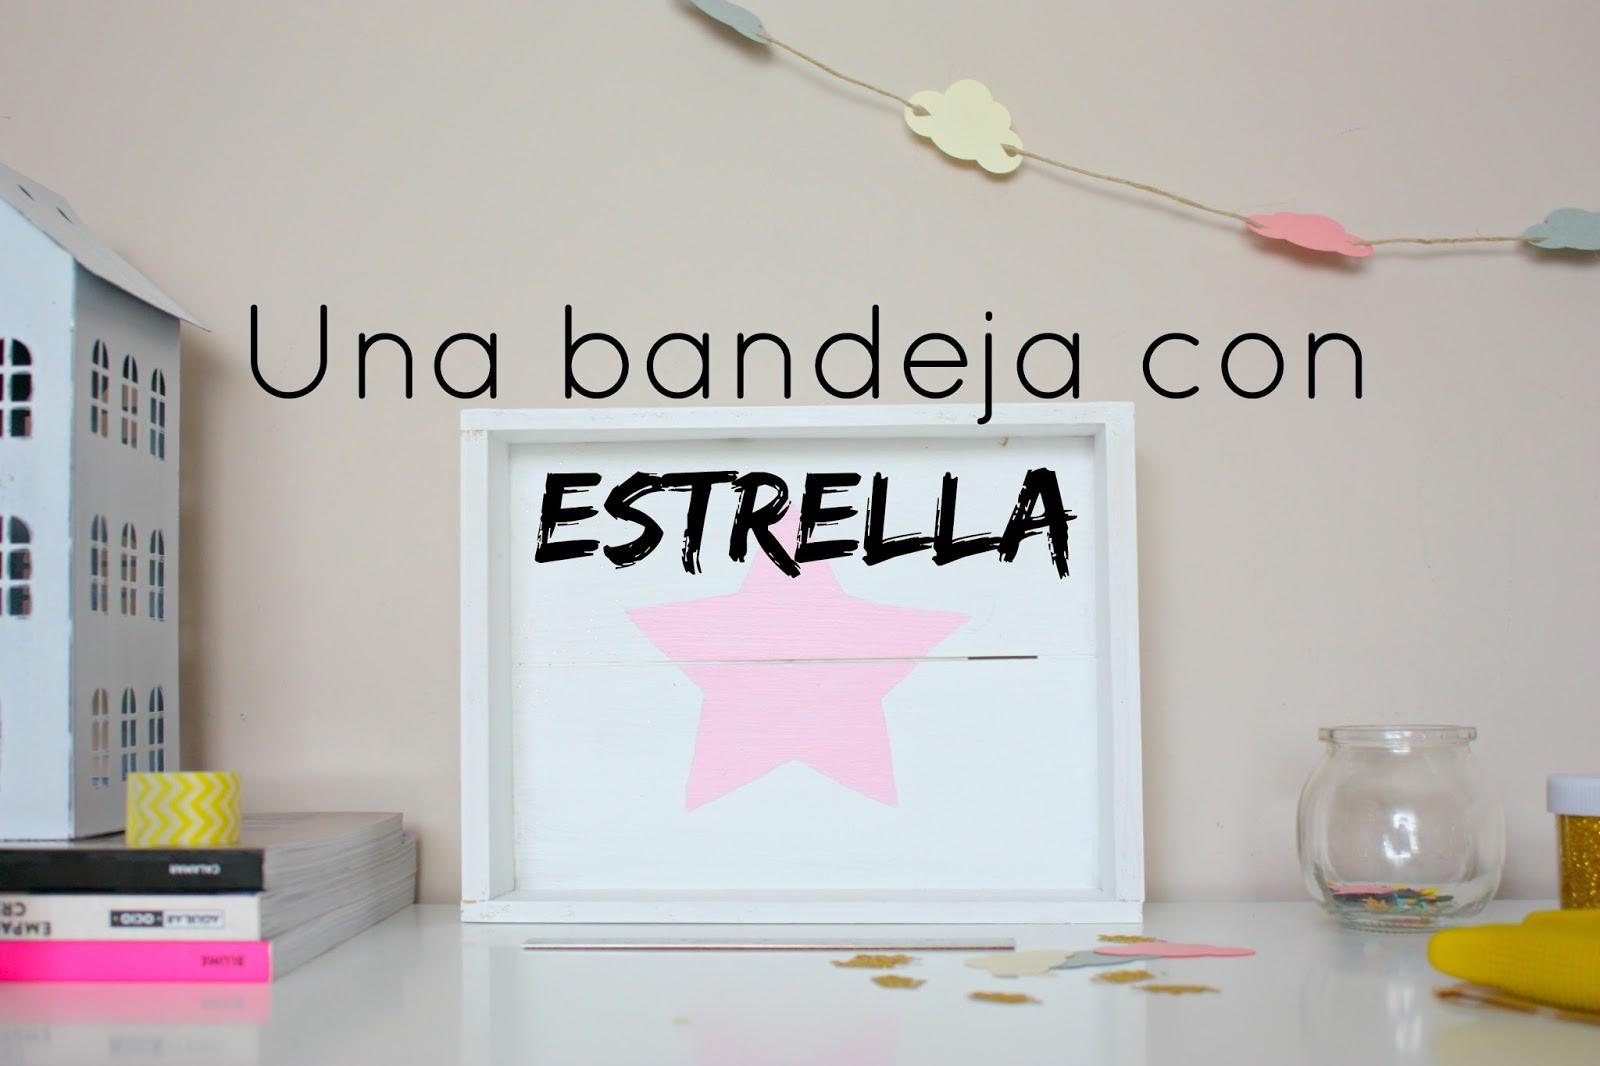 http://mediasytintas.blogspot.com/2015/04/una-bandeja-con-estrella.html